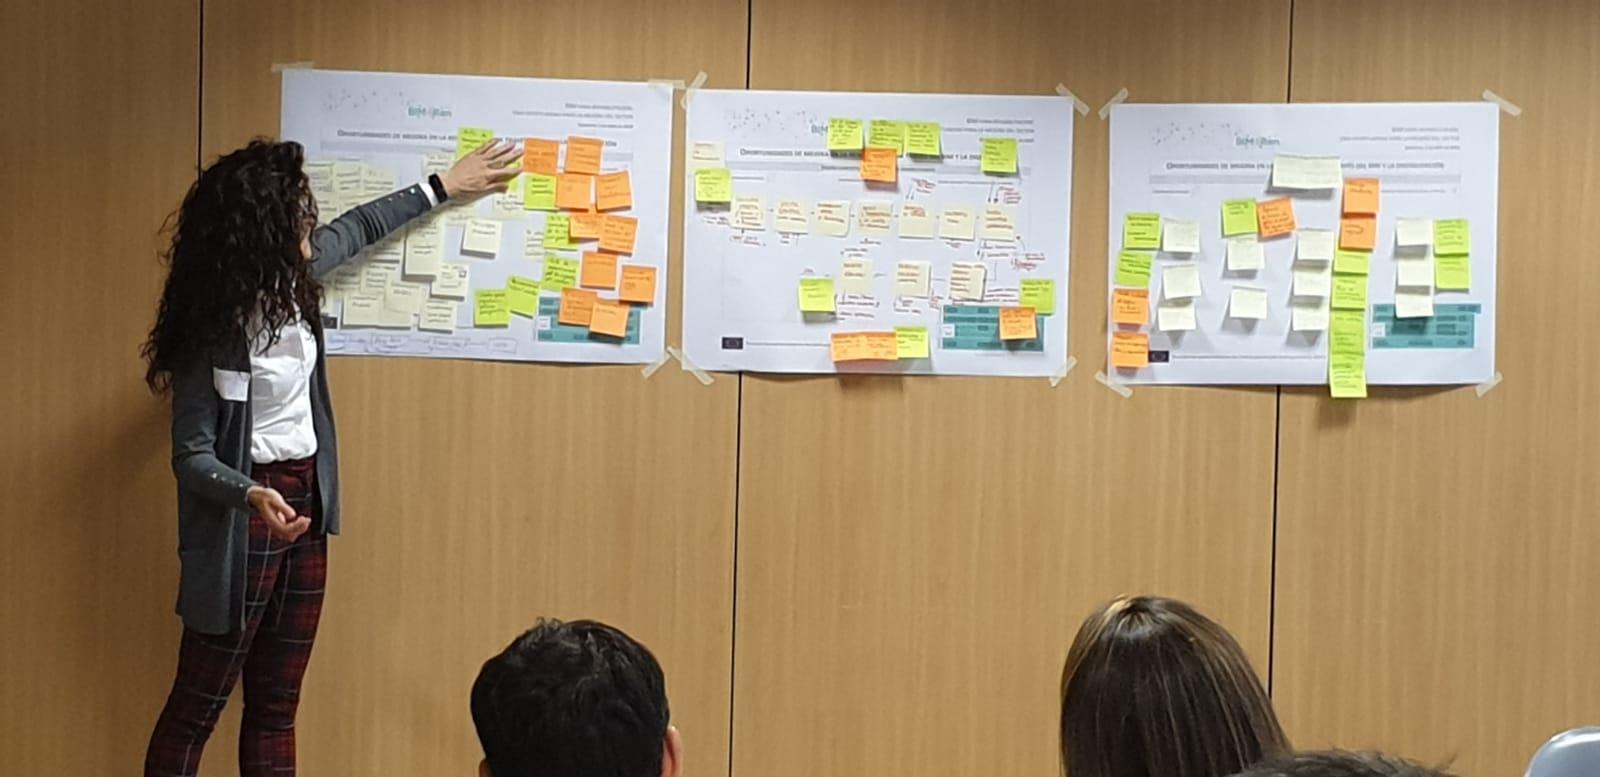 imagen 4 de noticia: participamos-en-el-workshop-de-bim4ren-organizado-por-tecnalia